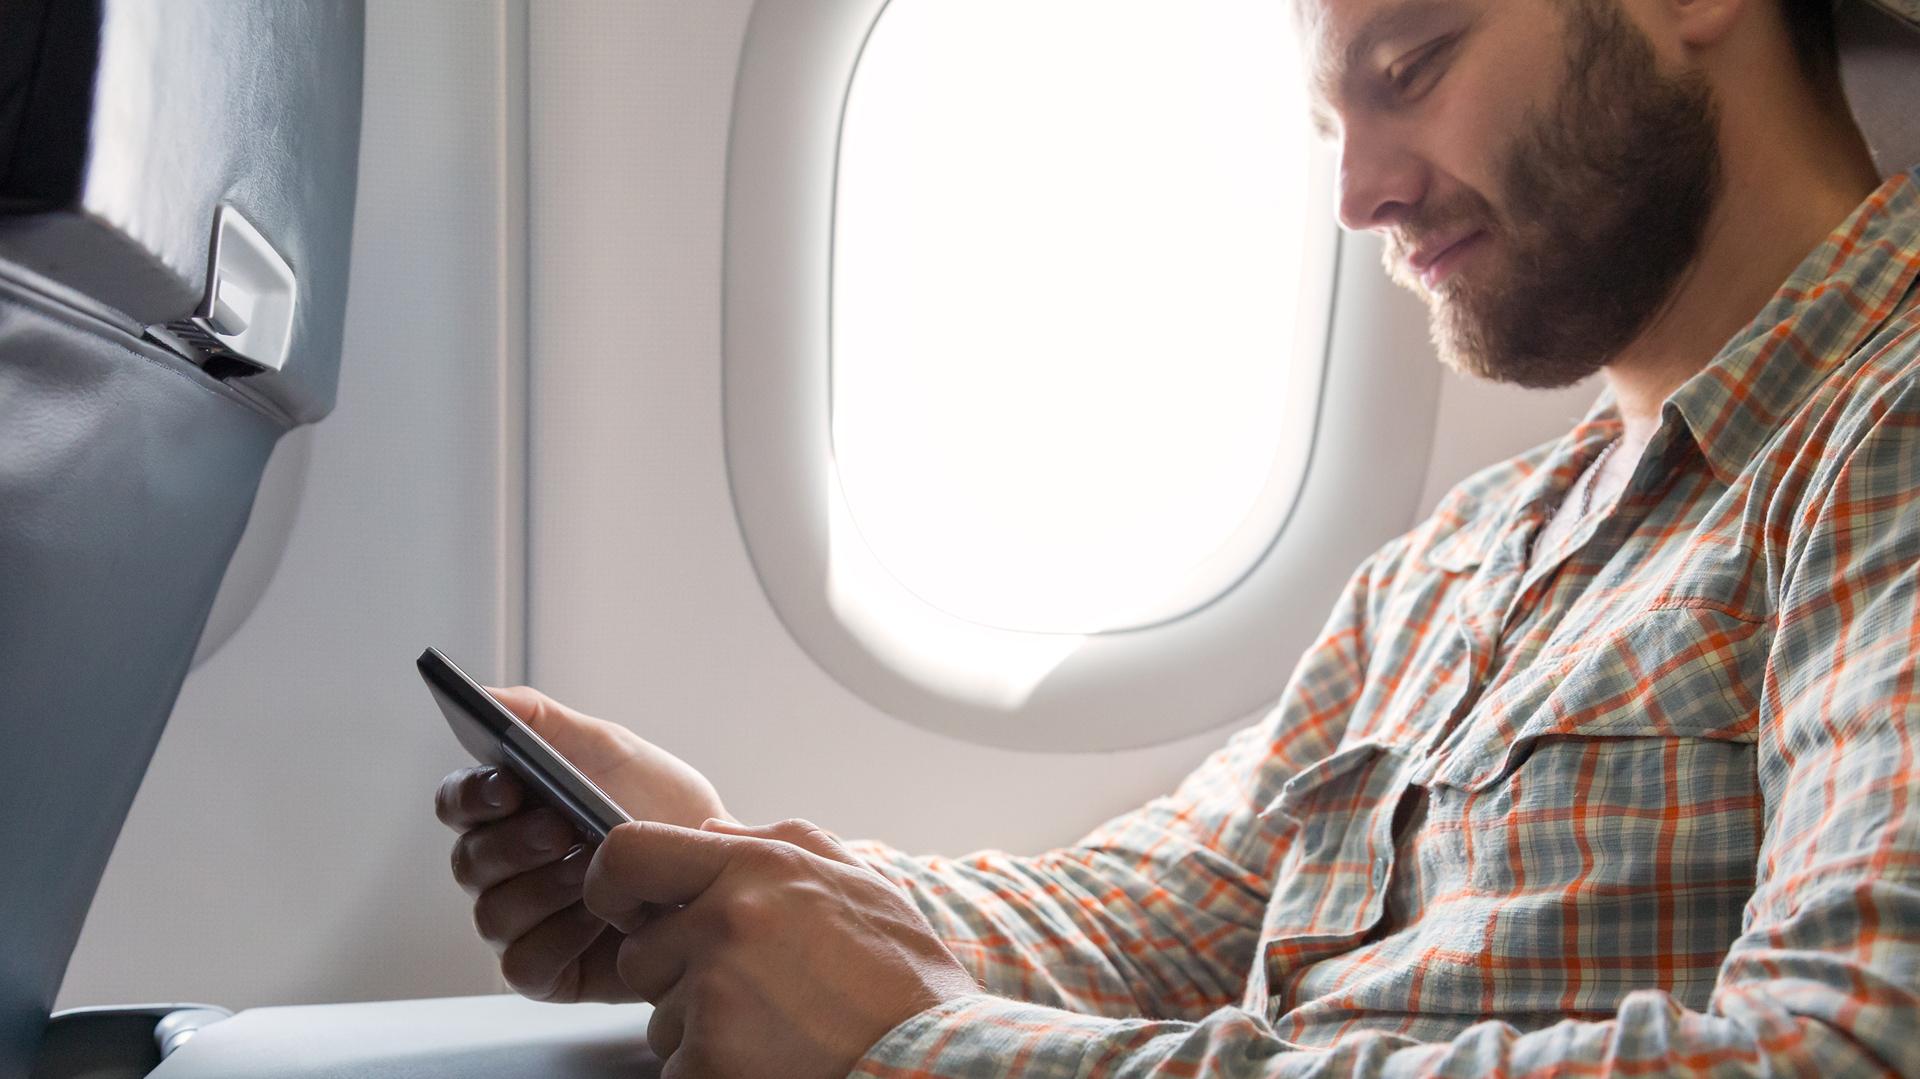 ¿Por qué hay que poner el celular en Modo Avión? (istock)